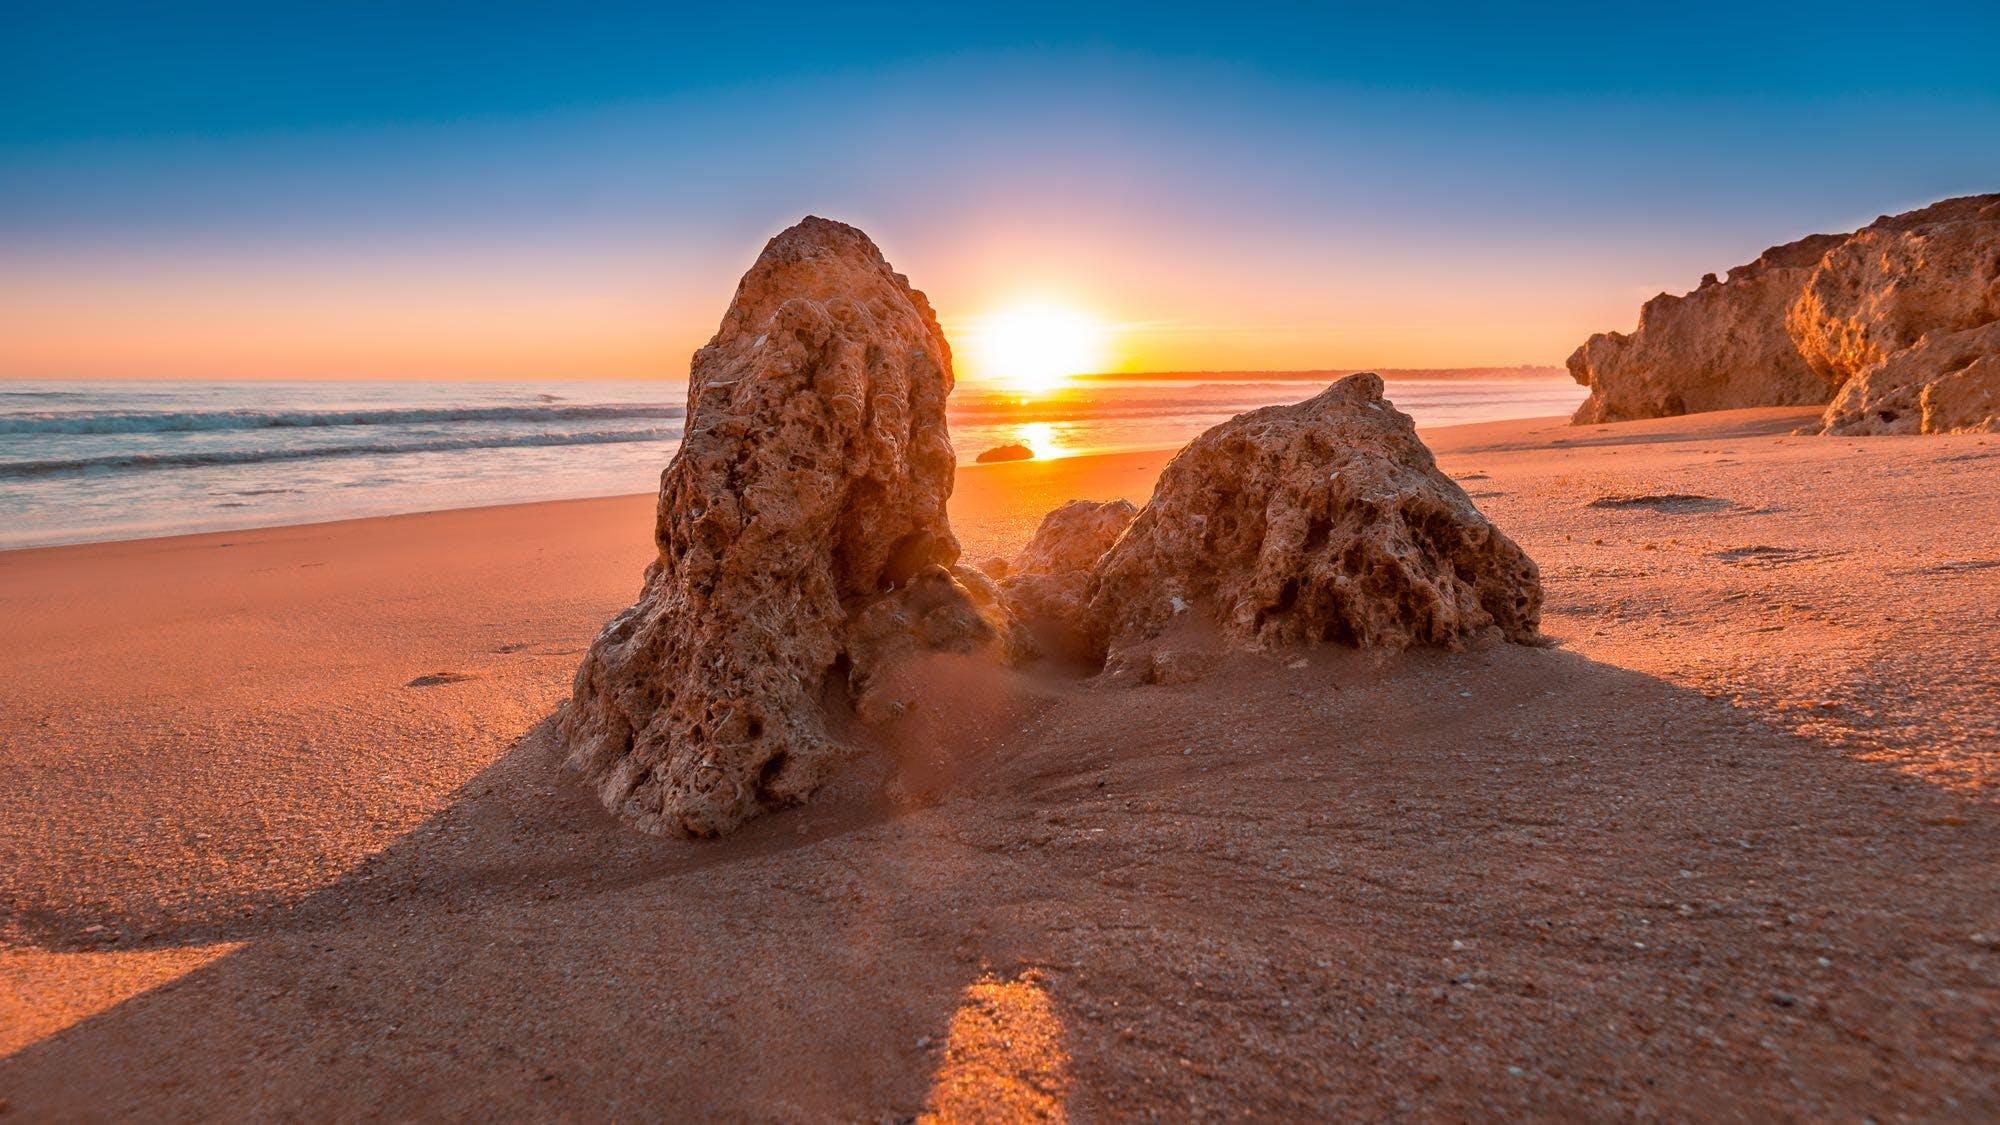 Brown Rock on Seashore